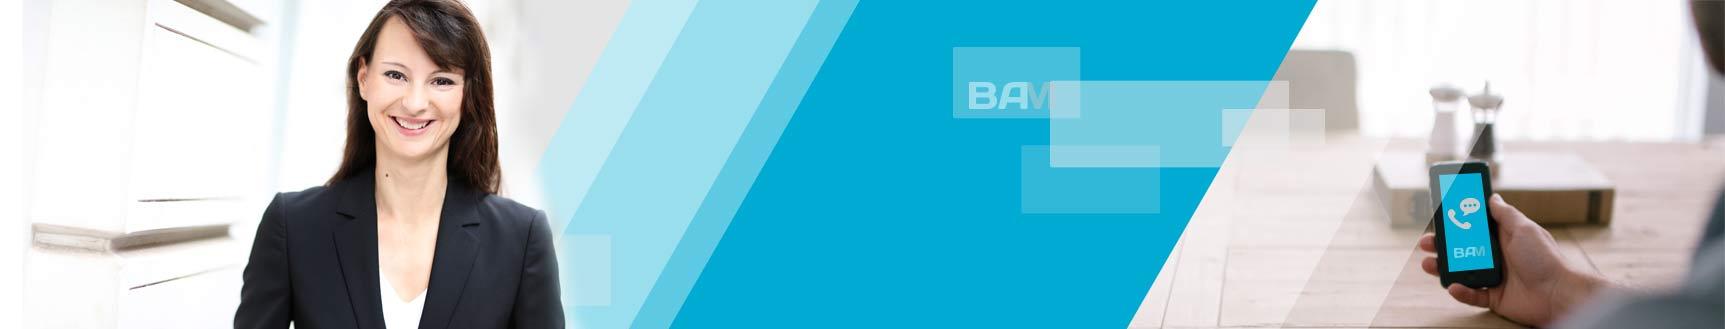 BAM Dienste – Buchhalterin